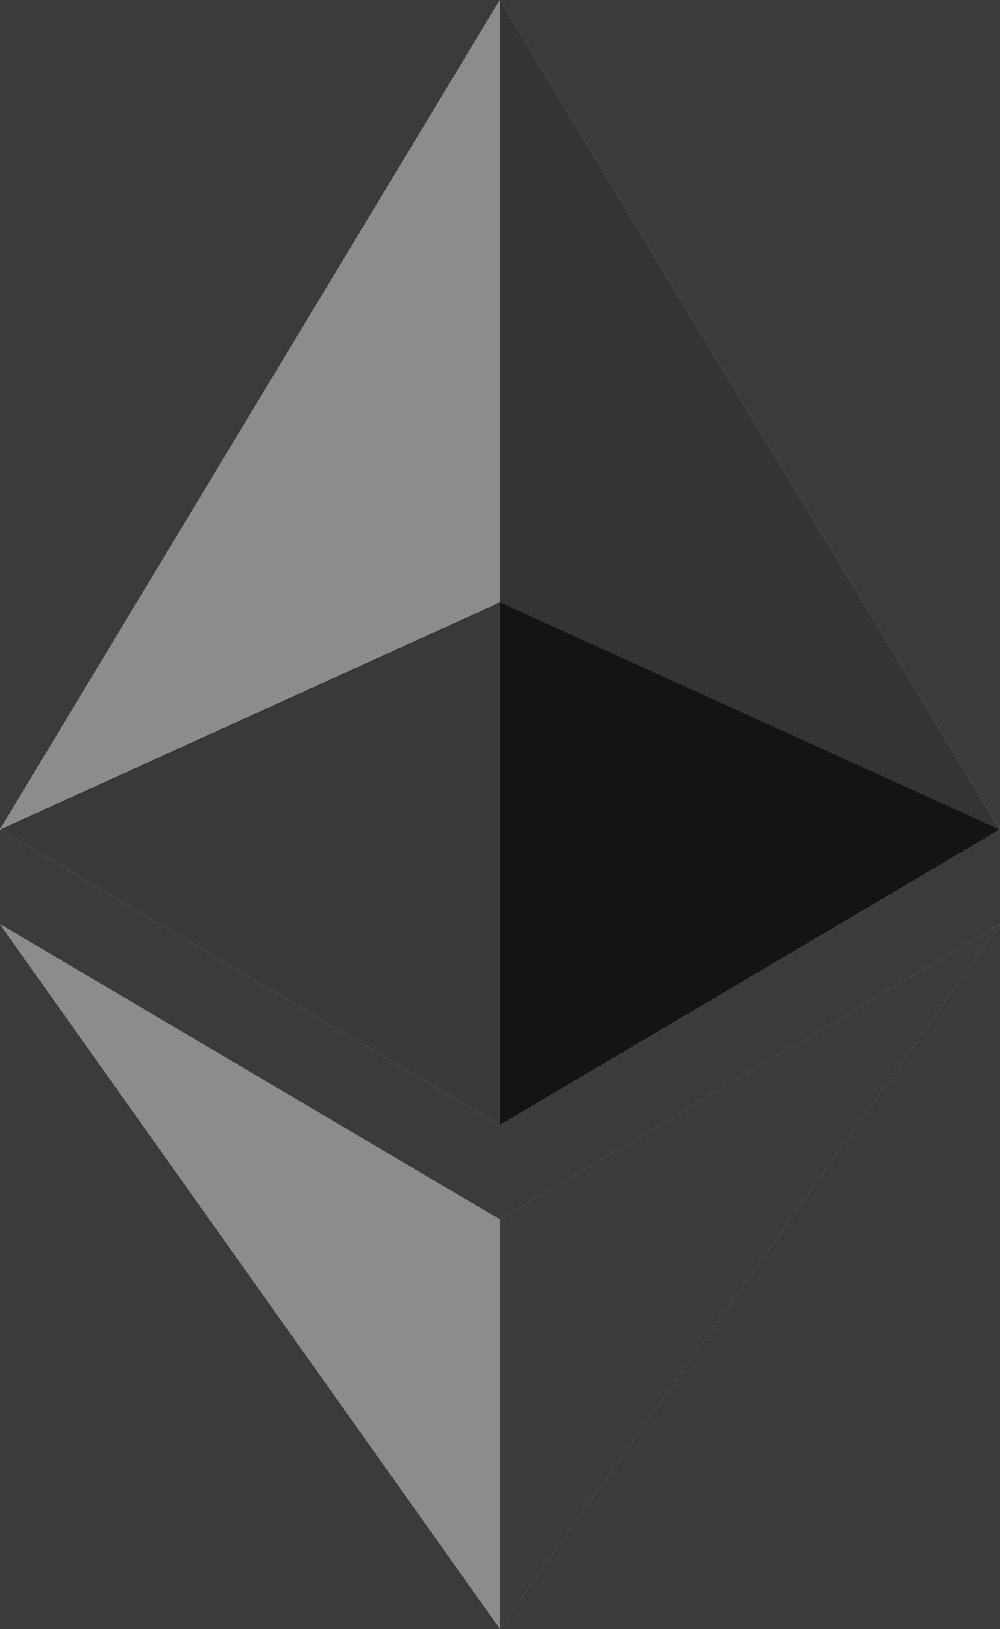 ethereum loga